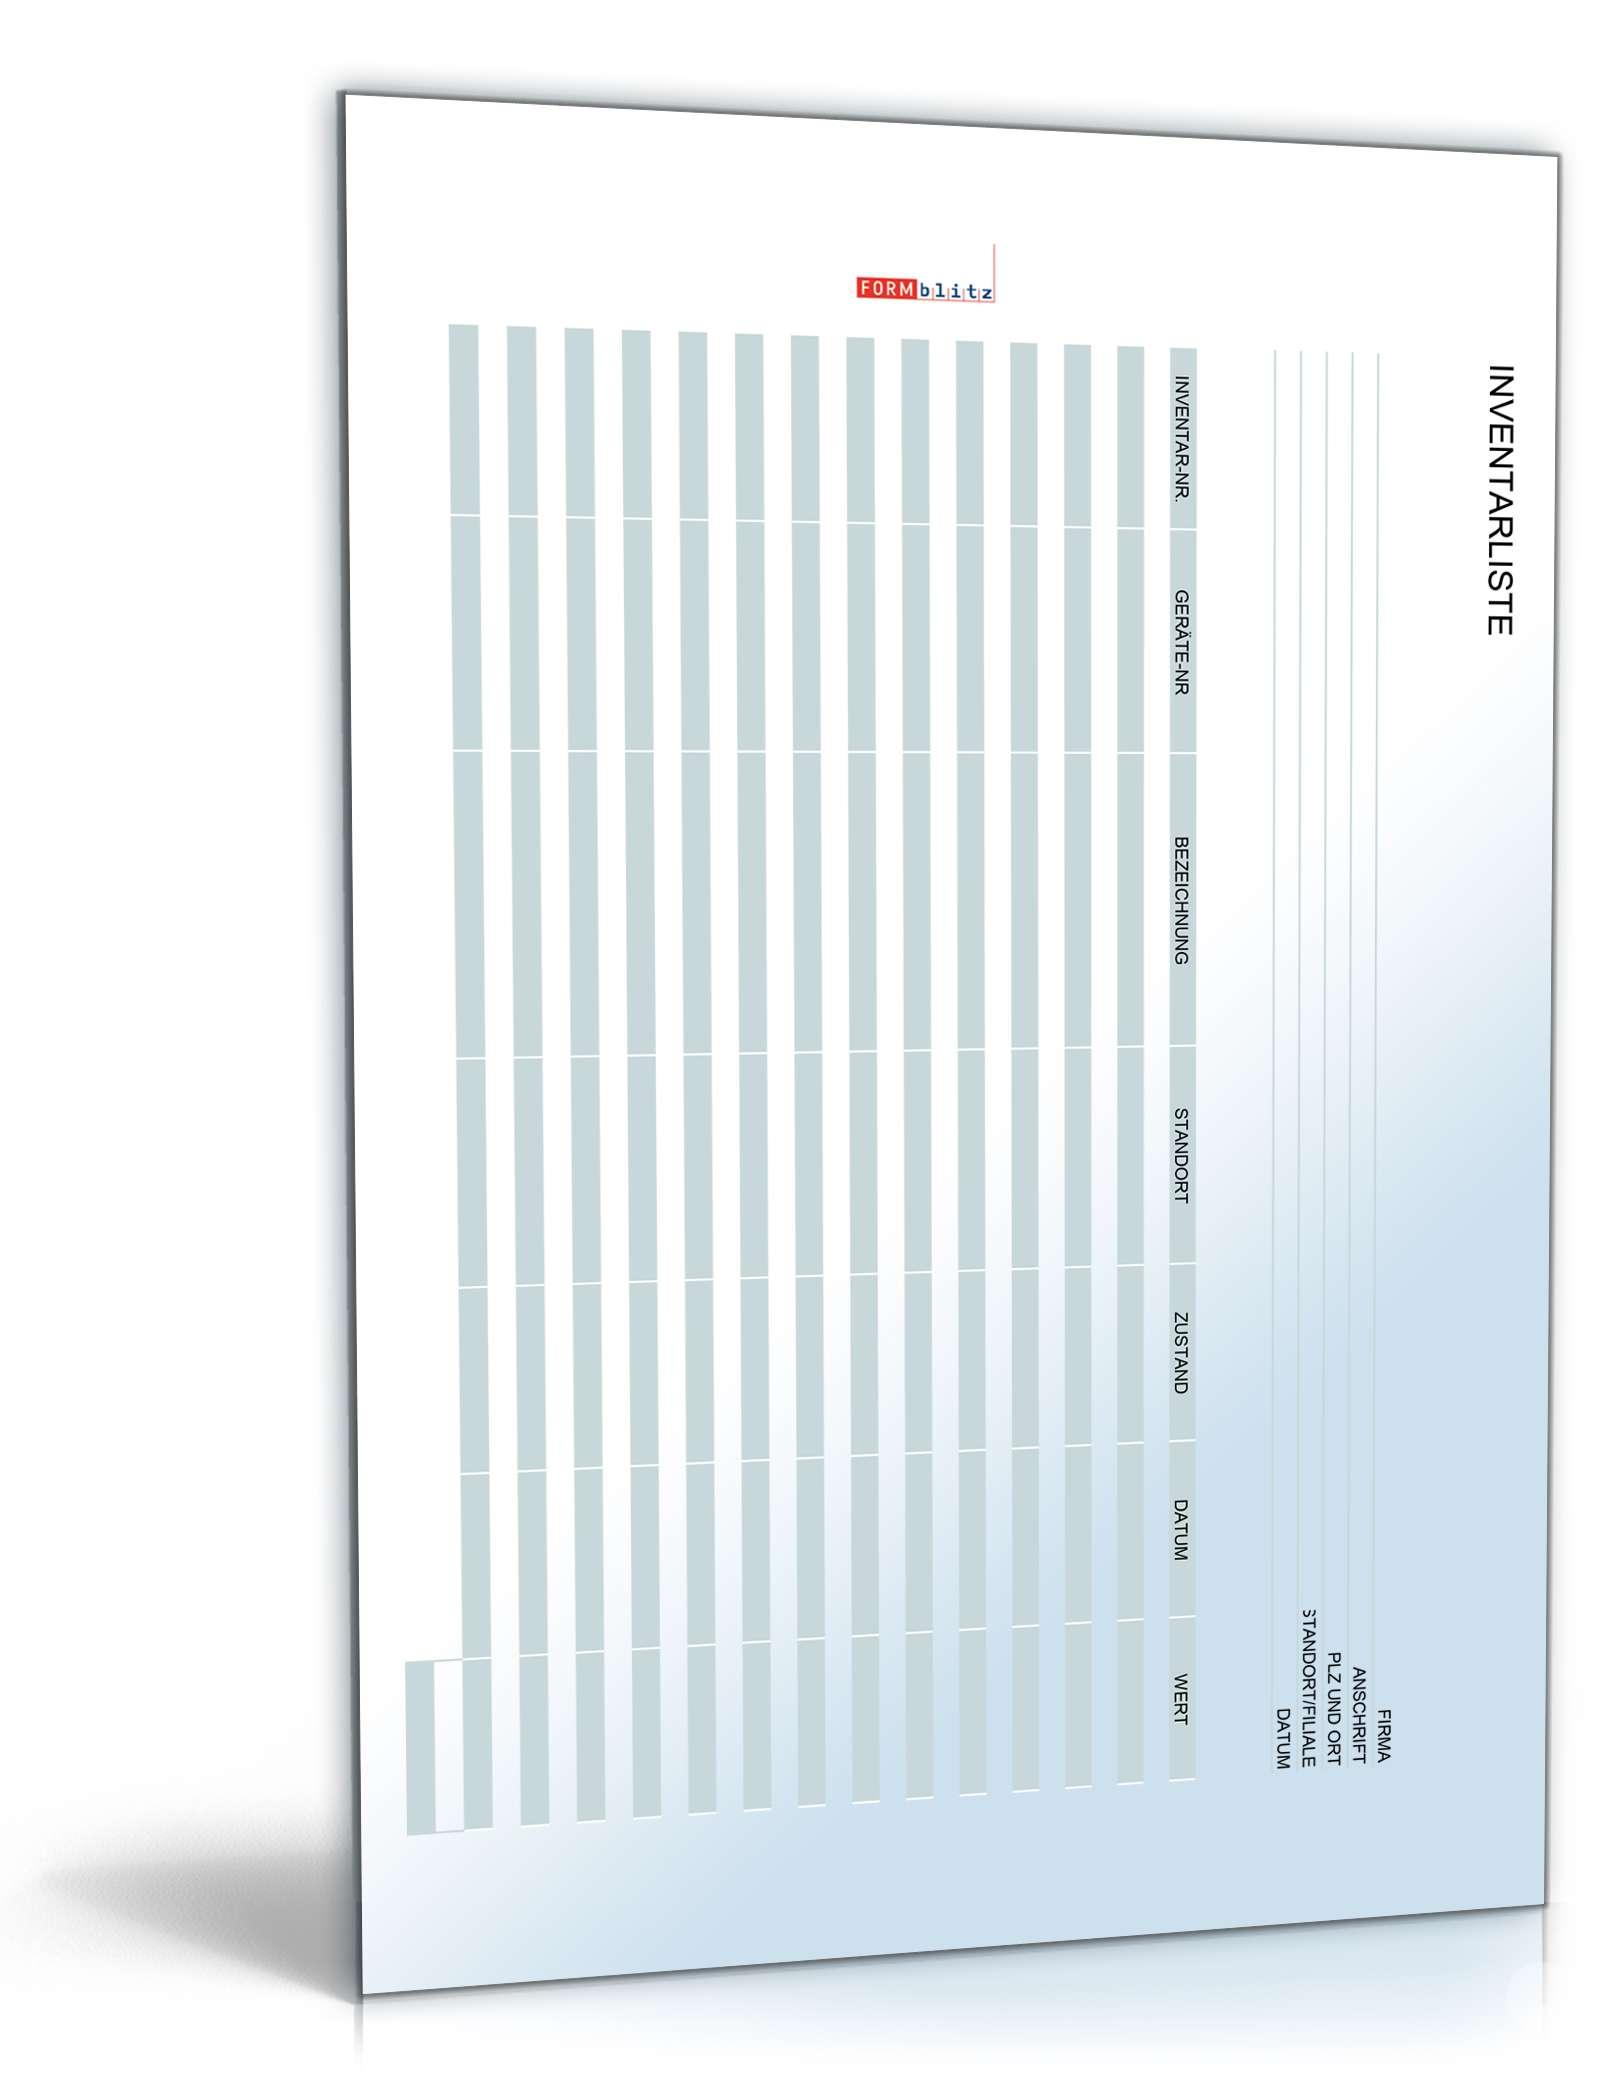 Inventarliste Büro | Vorlage als Excel-Tabelle zum Download